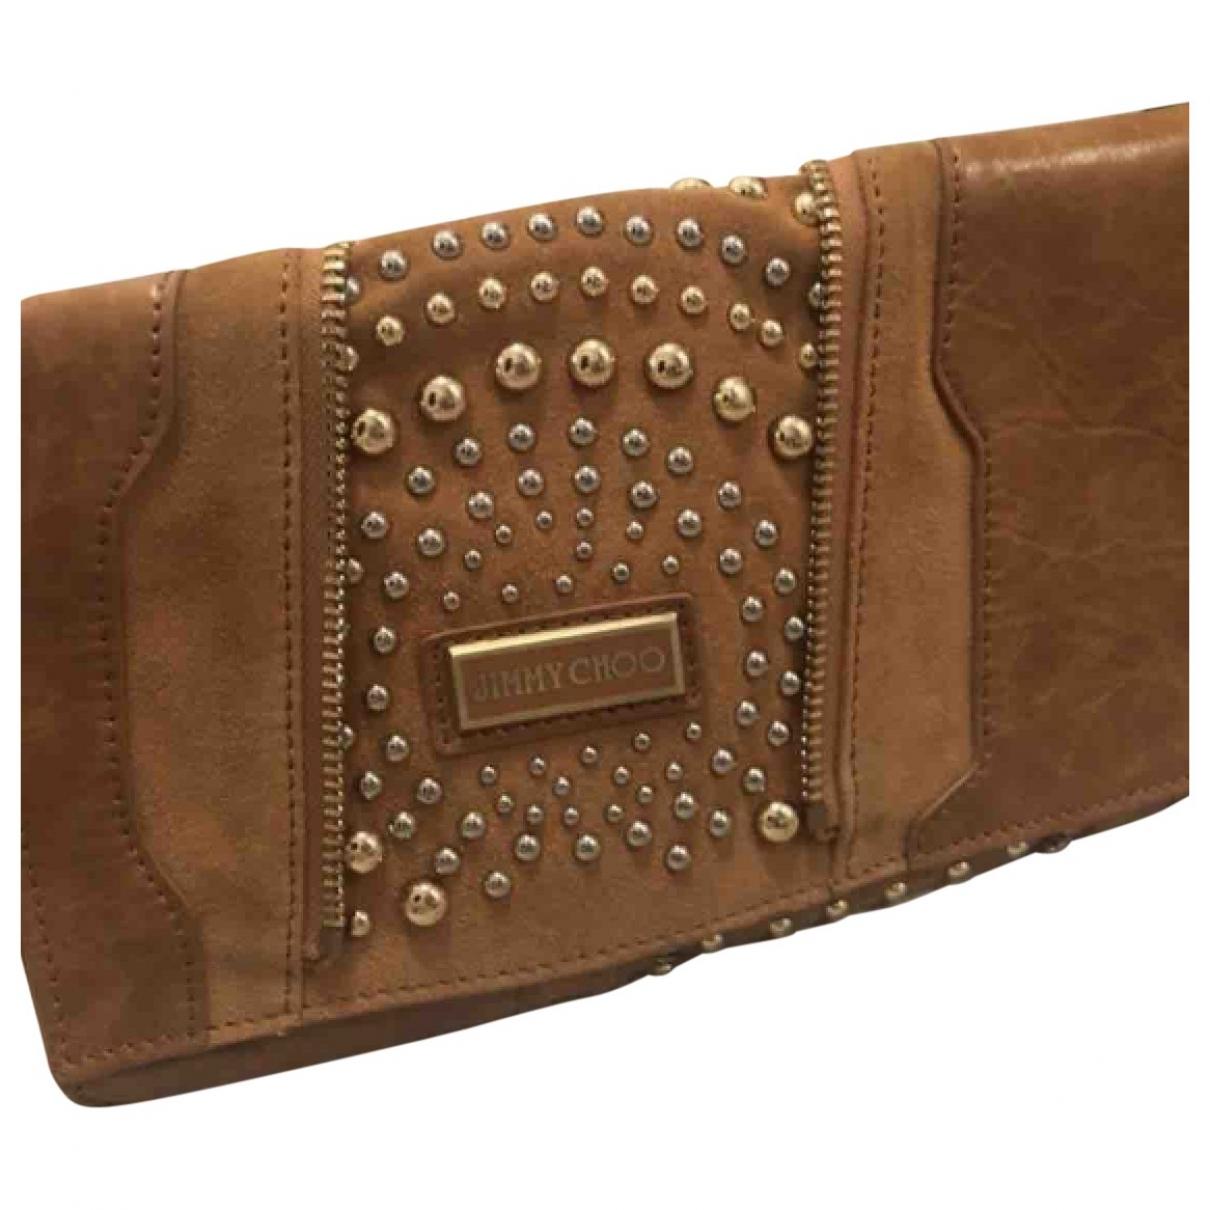 Jimmy Choo \N Handtasche in  Kamel Leder